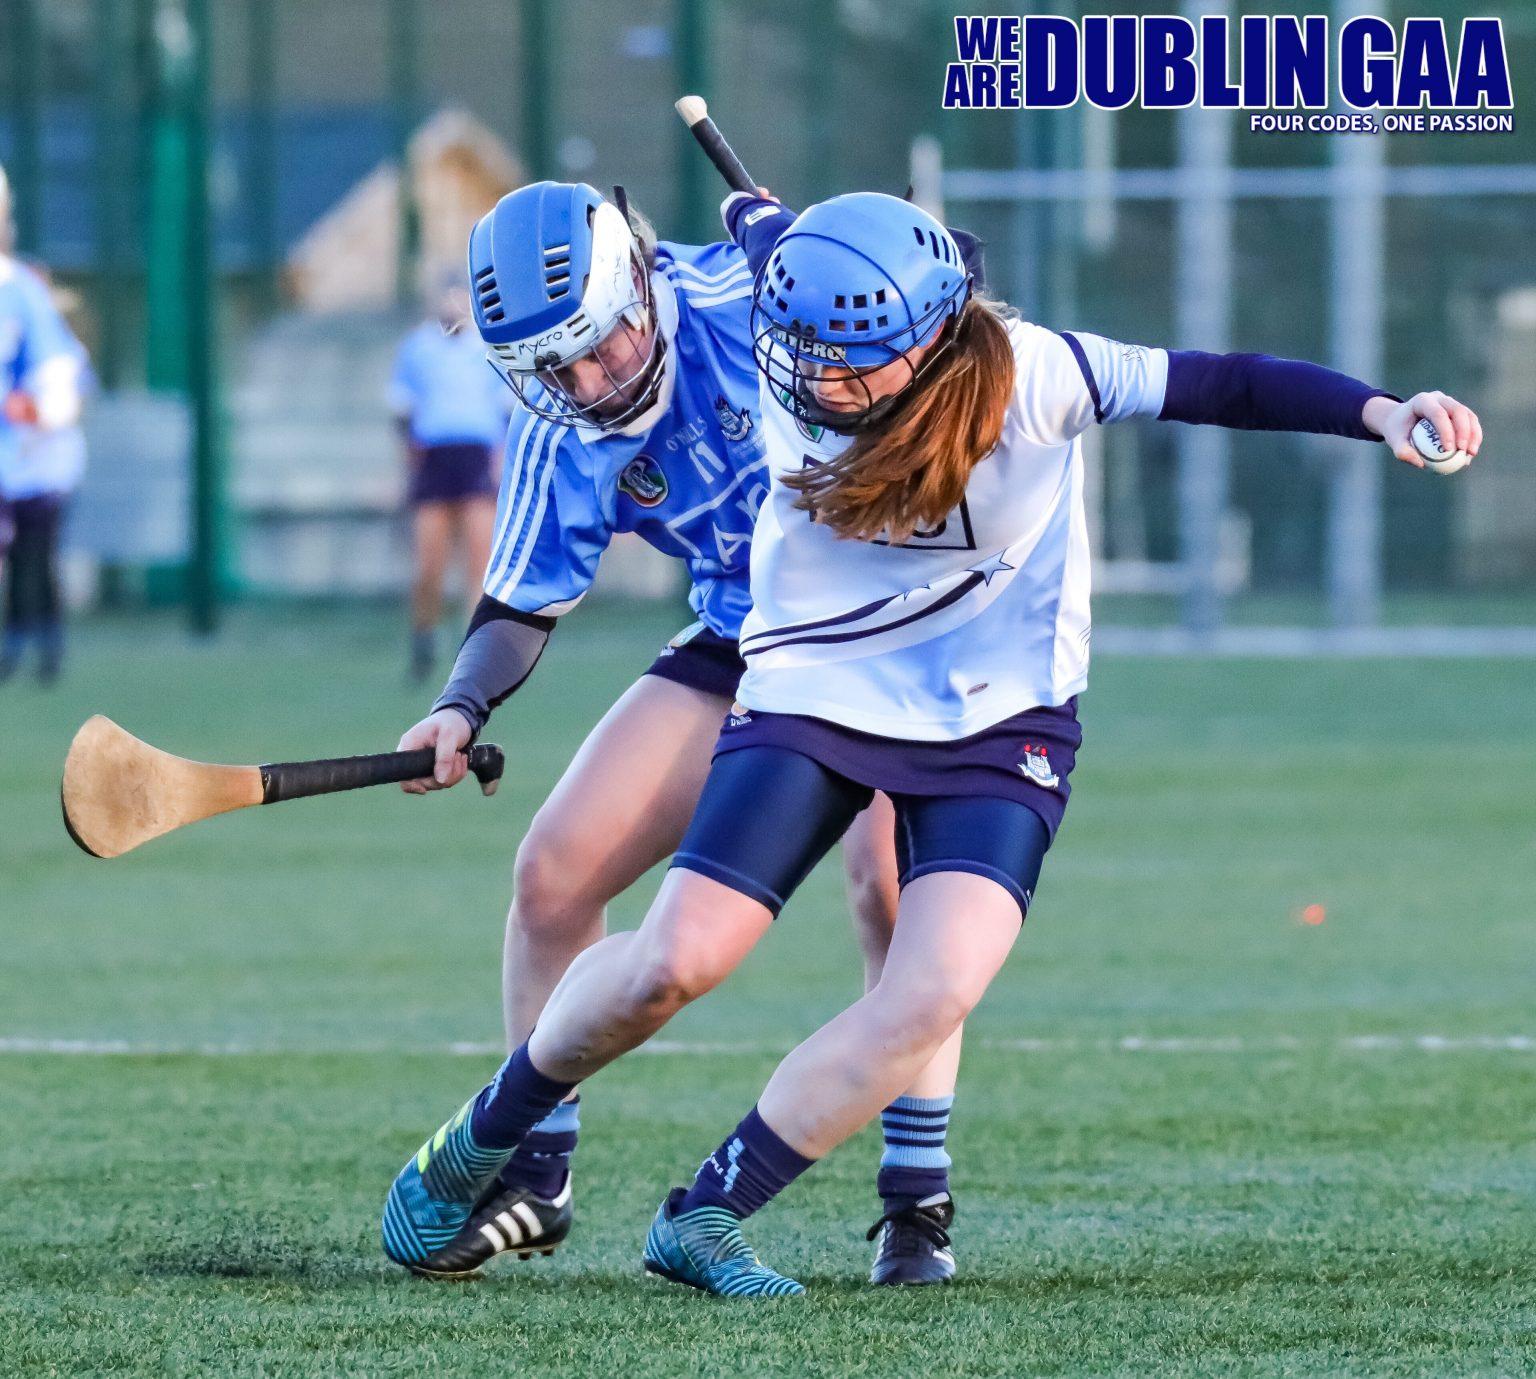 Arlene Cushin From The Dubs Stars Battling With Dublin's Róisín Baker